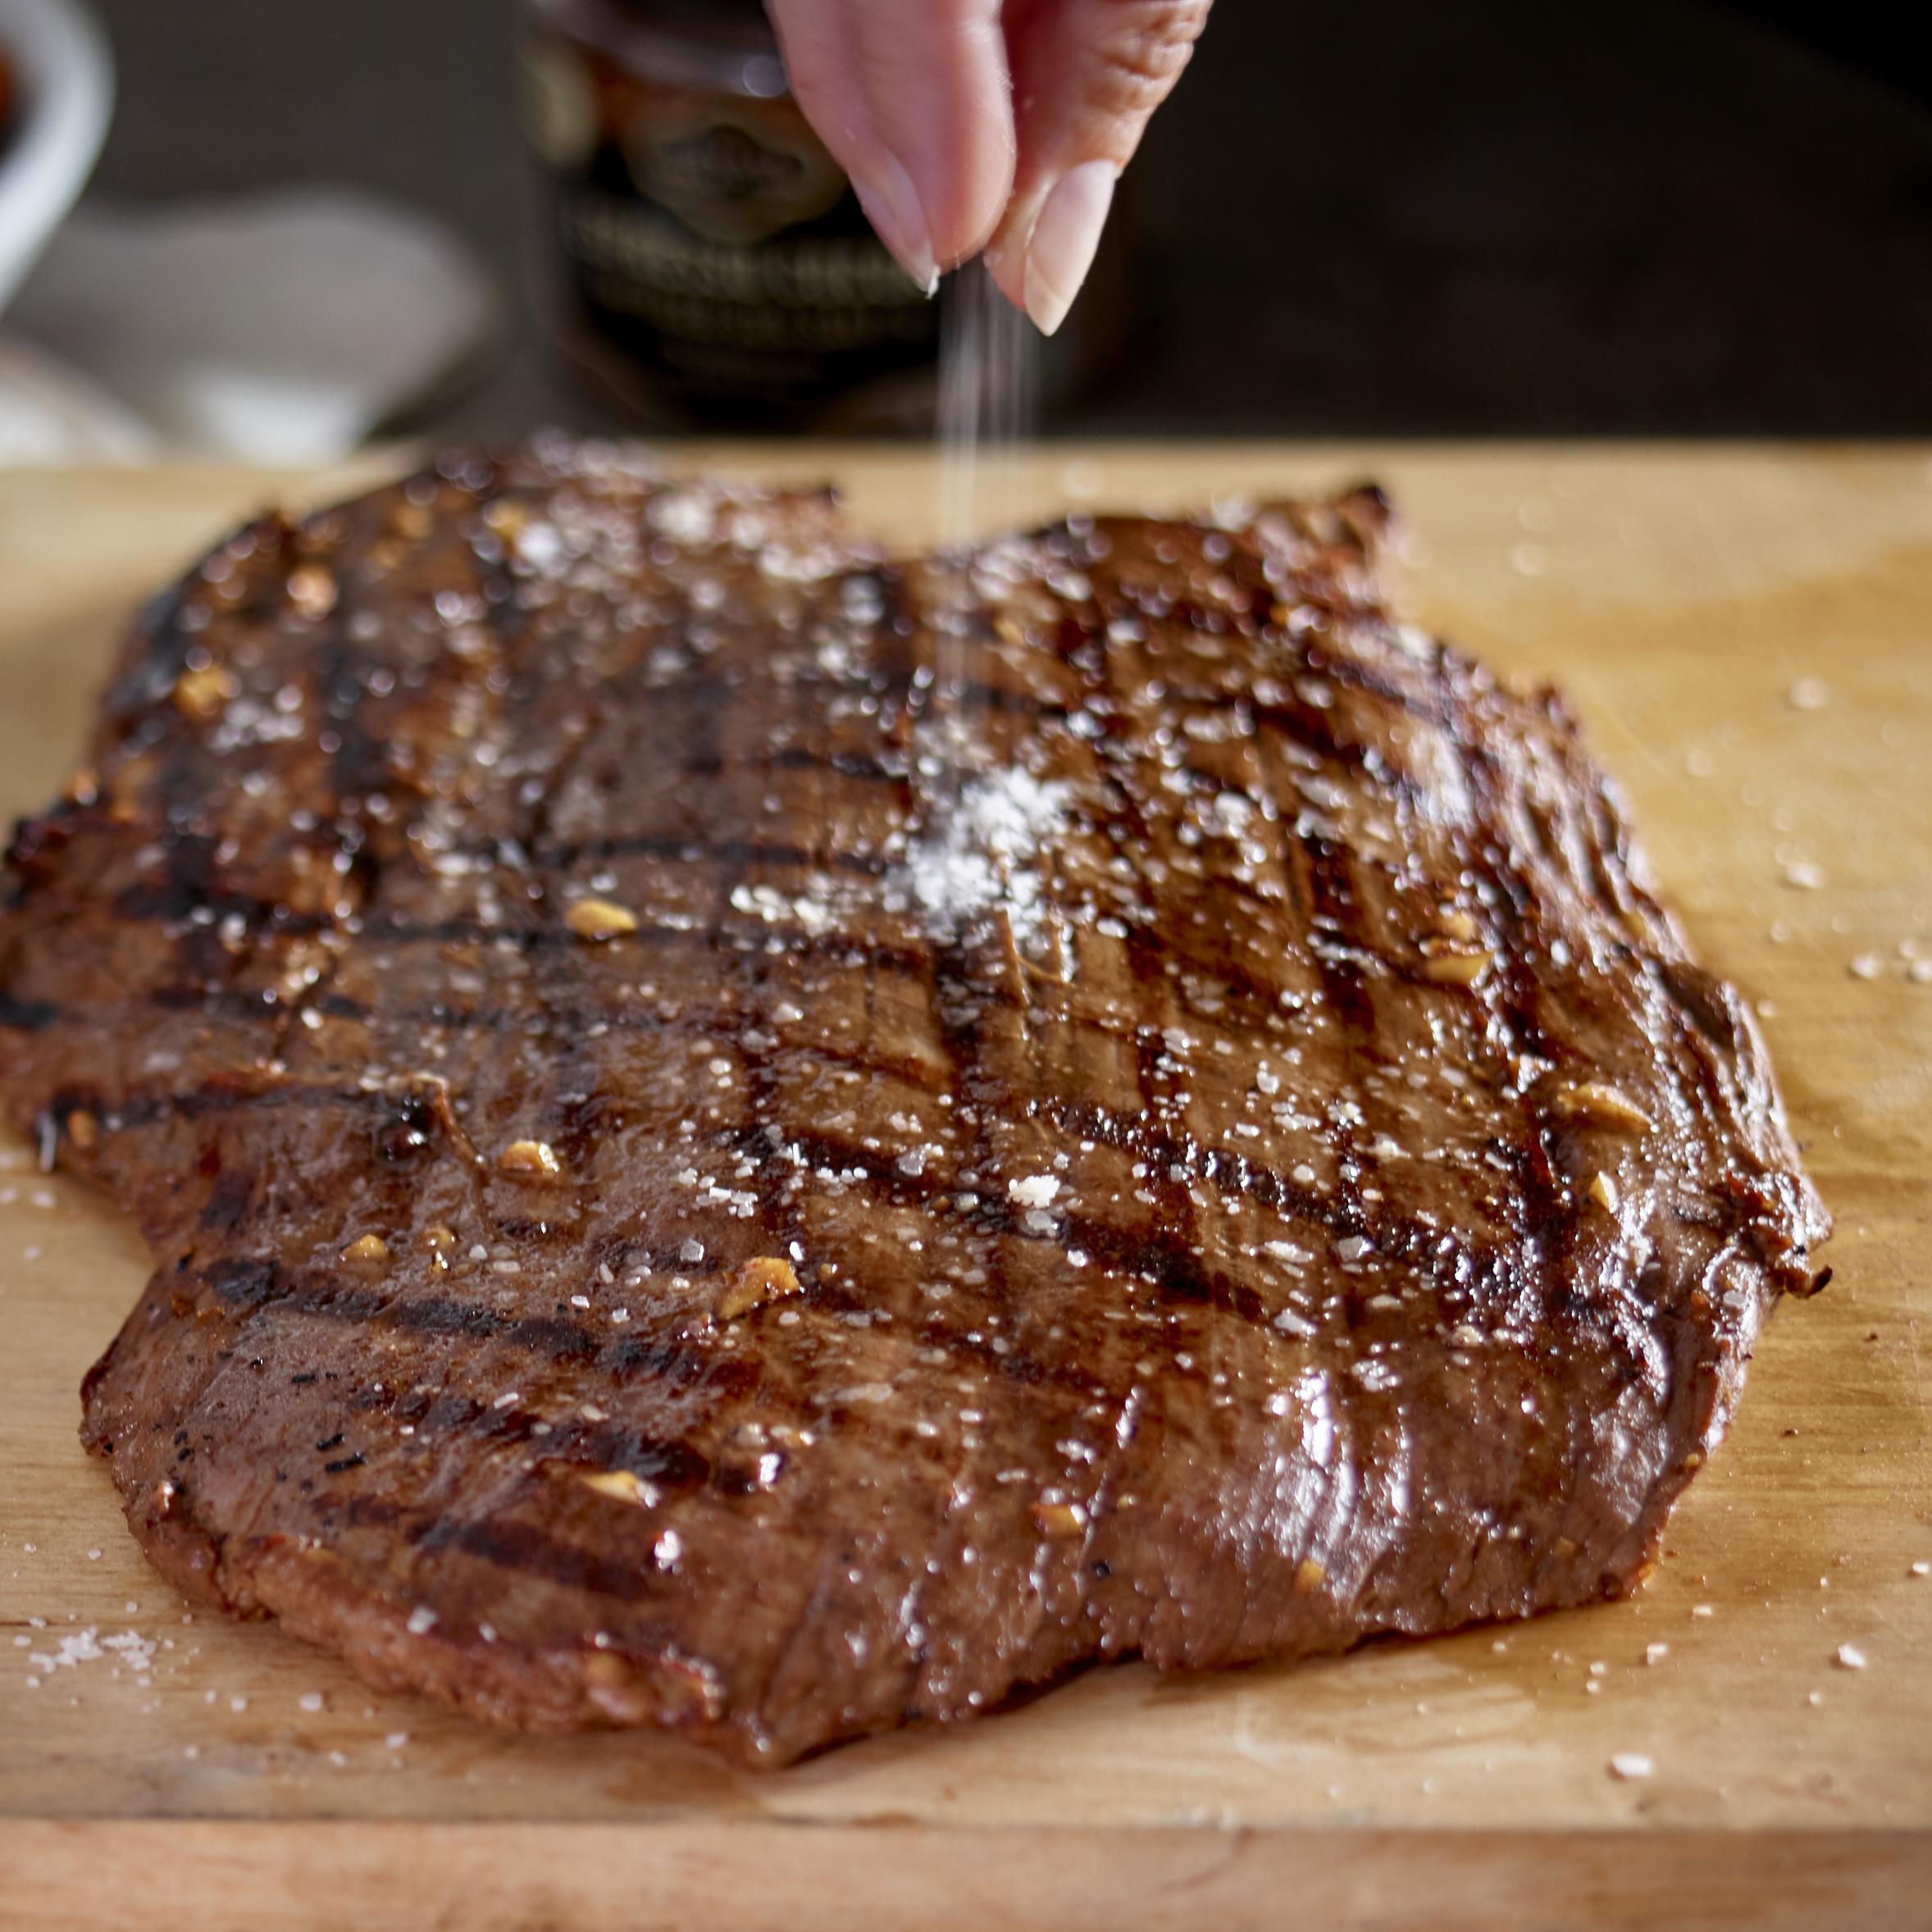 Steak_W_Truffle_Salt_Roasted_Root_Veggies_V1.jpg